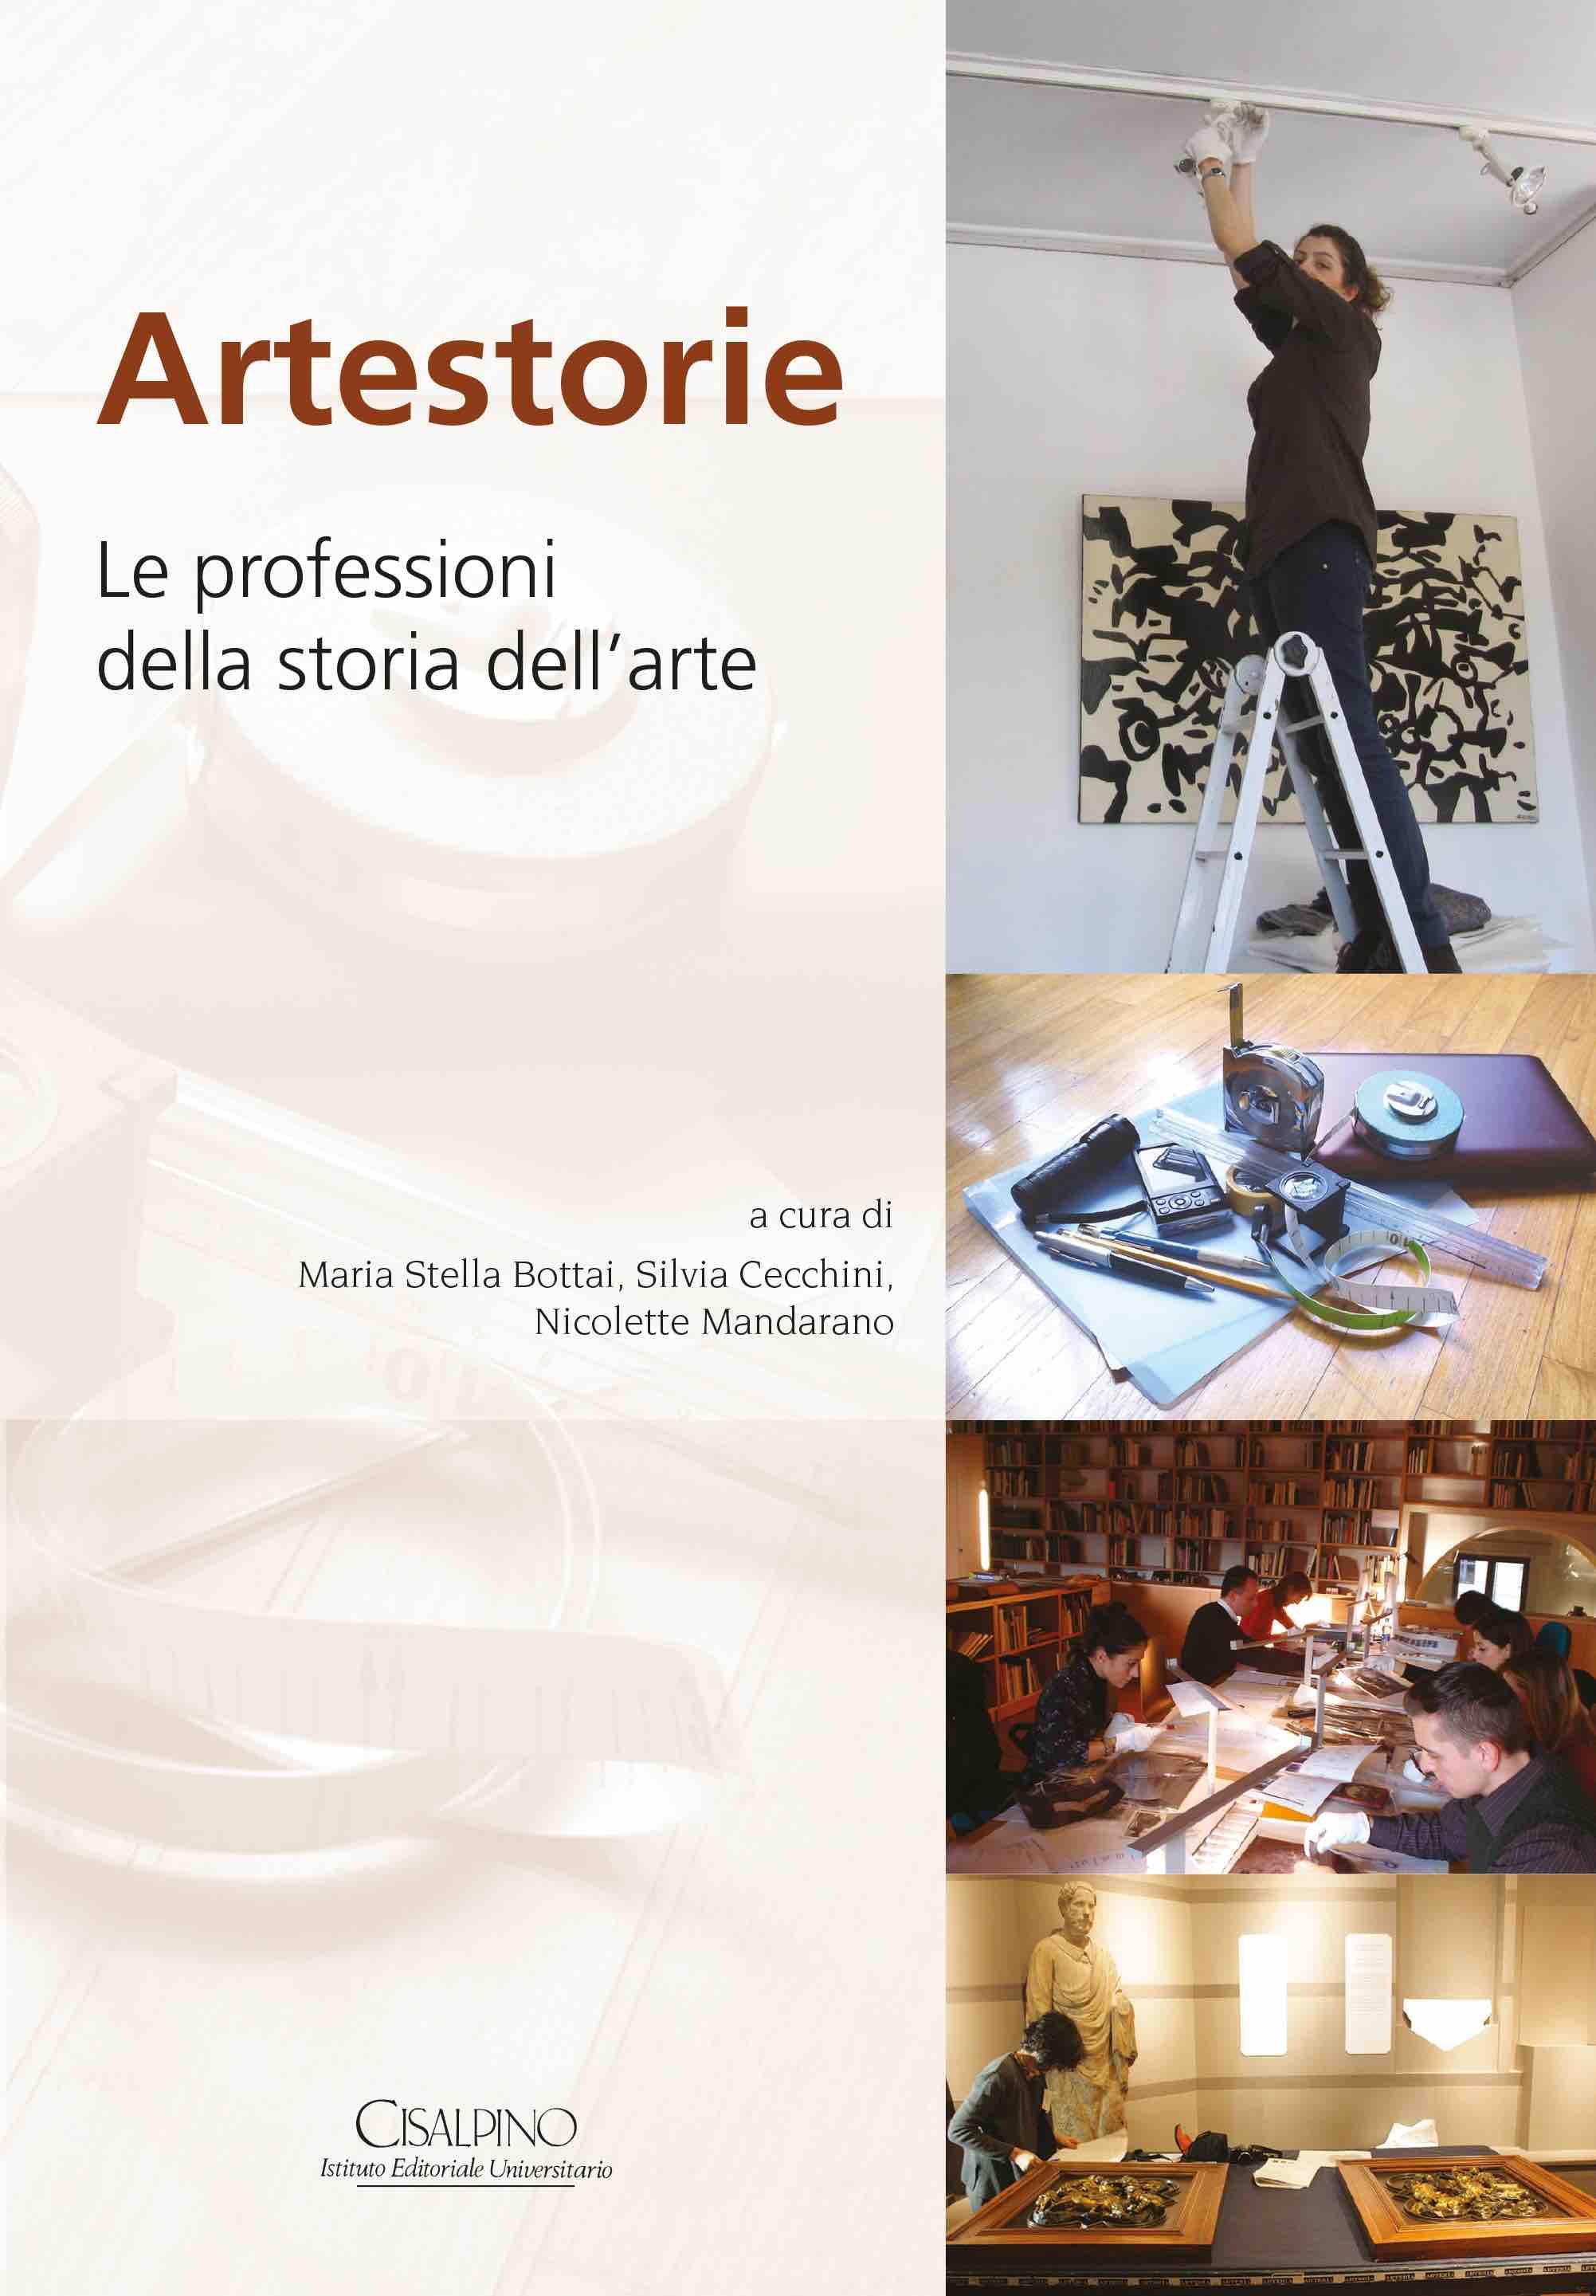 Artestorie monduzzi editoriale for Adorno storia dell arte